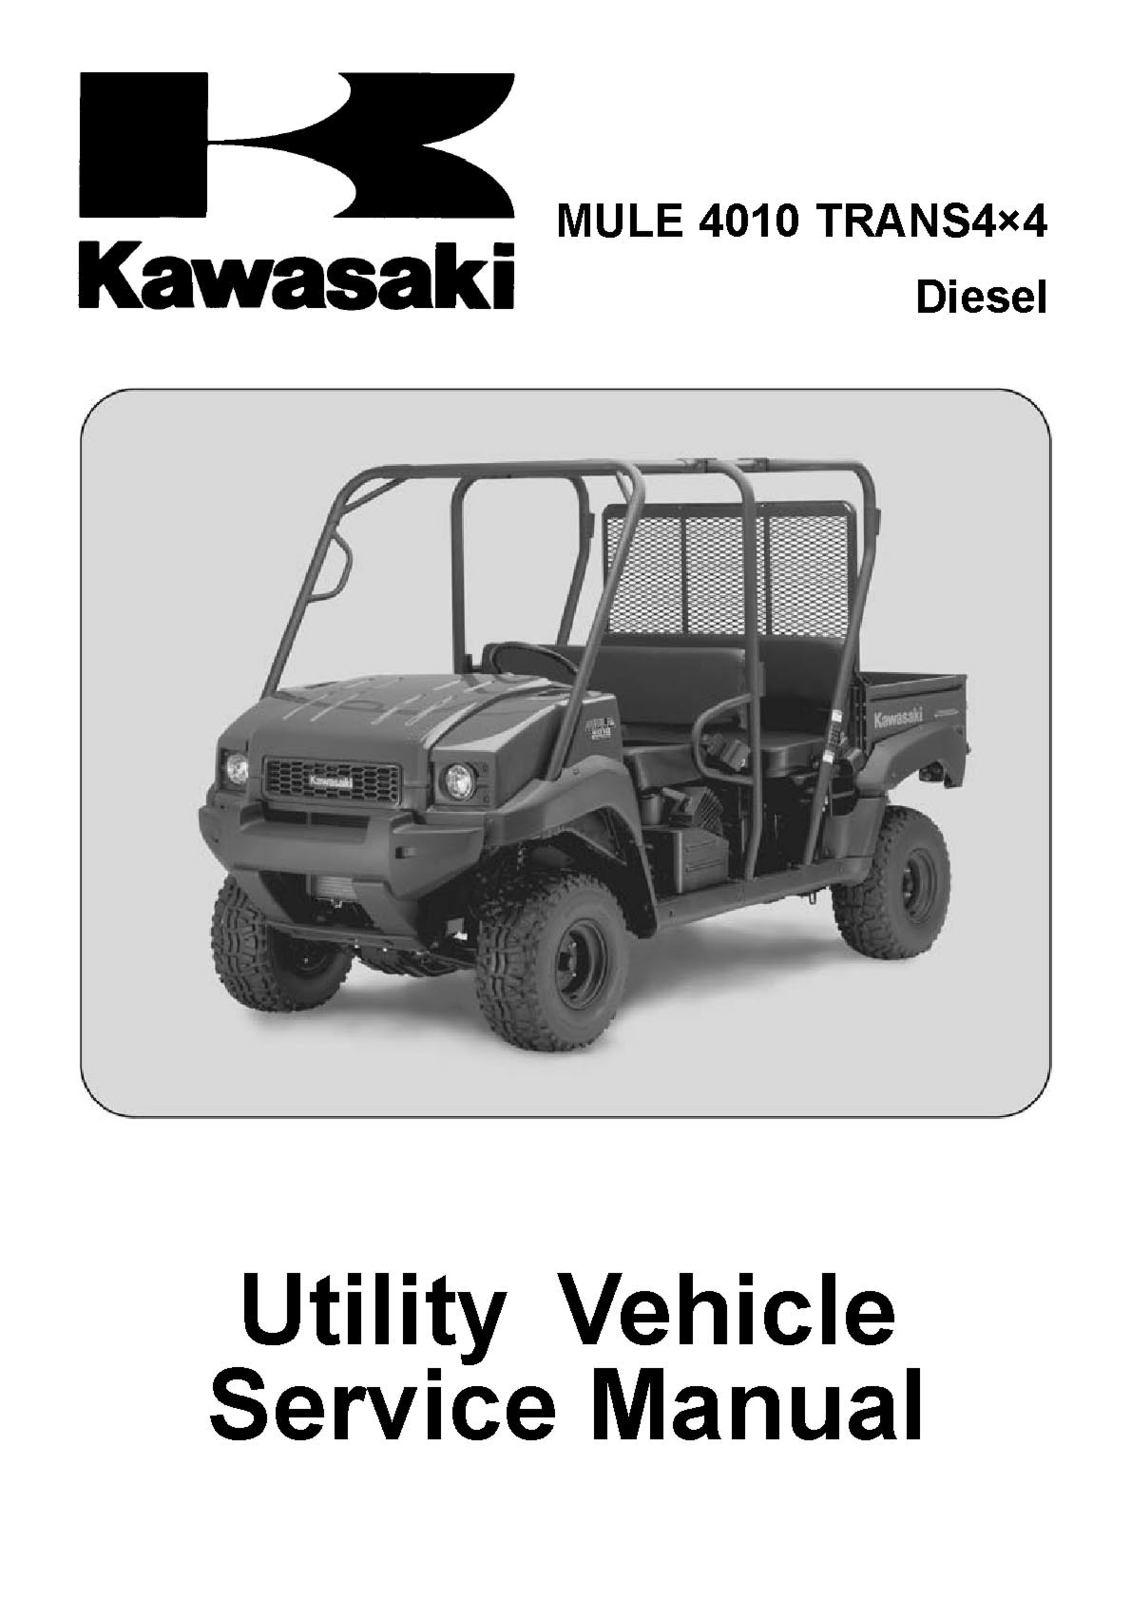 kawasaki mule 4010 trans 4x4 diesel shop and 44 similar items rh bonanza com Kawasaki Mule 500 Manual Kawasaki Mule 2510